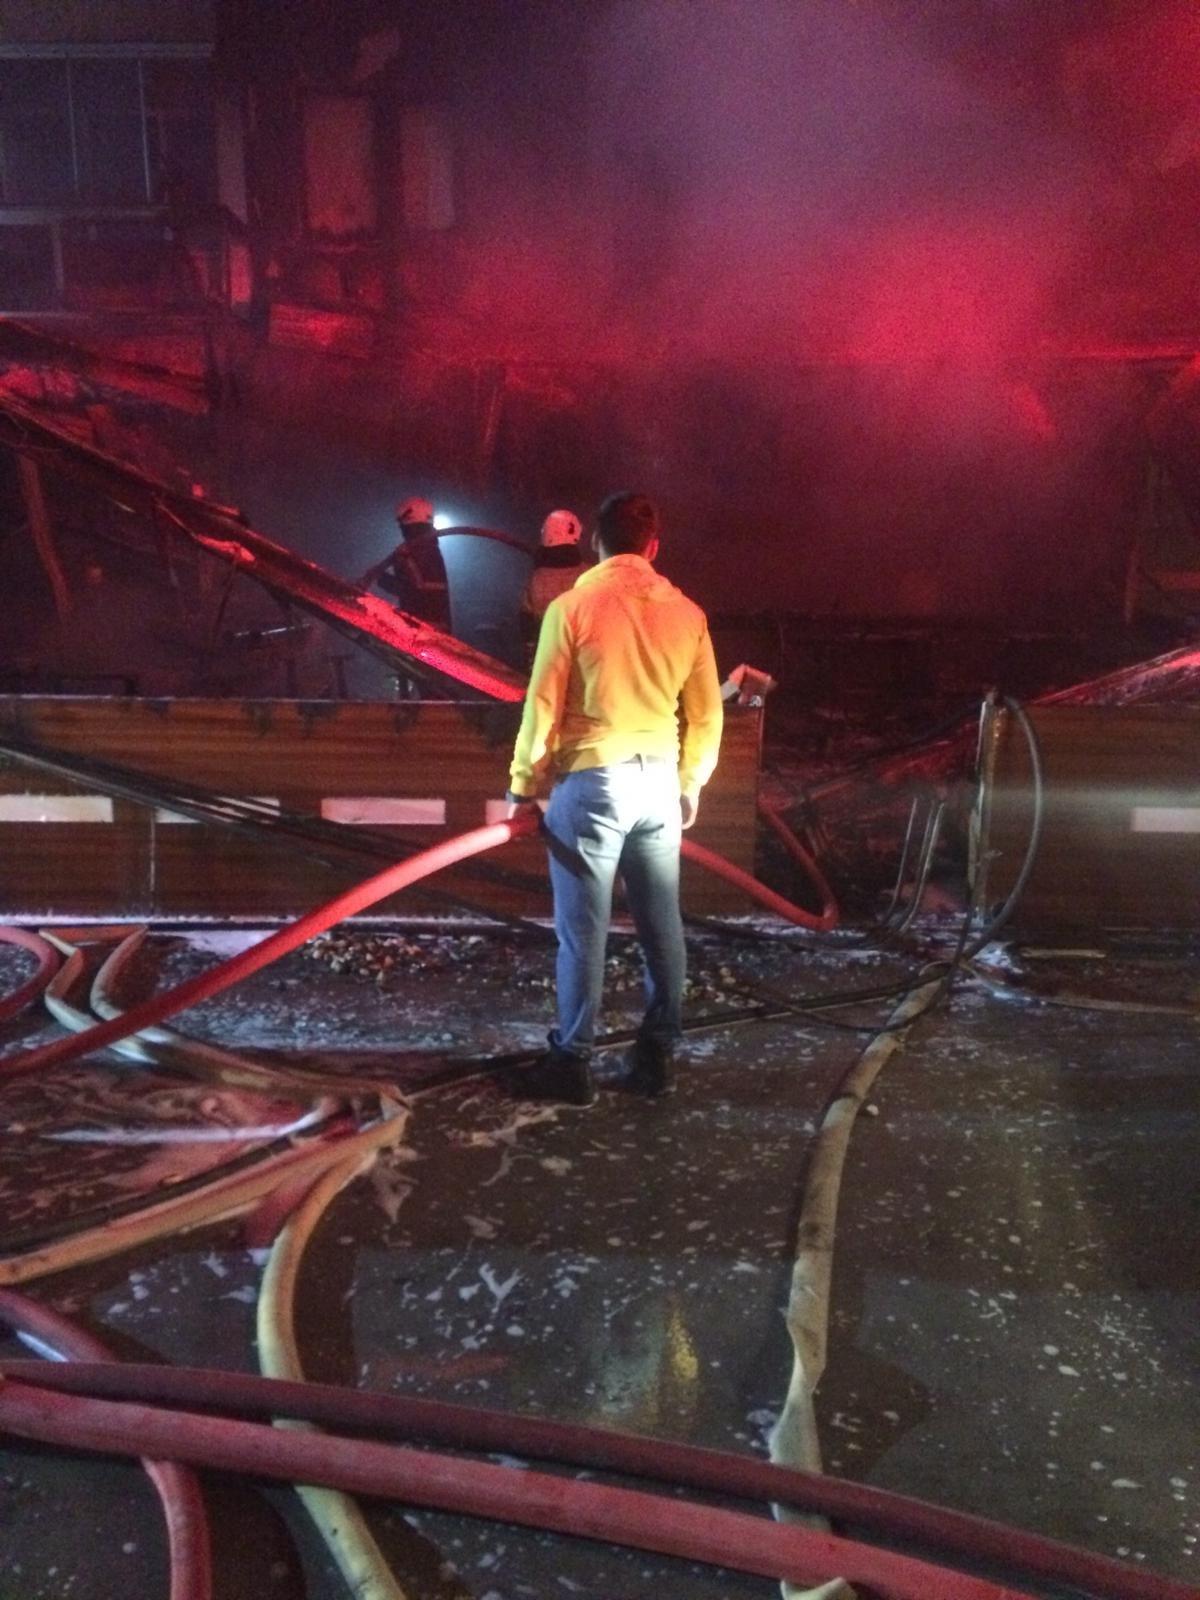 İzmir Bornova'da kafede yangın çıktı! 5 kişi dumandan etkilendi